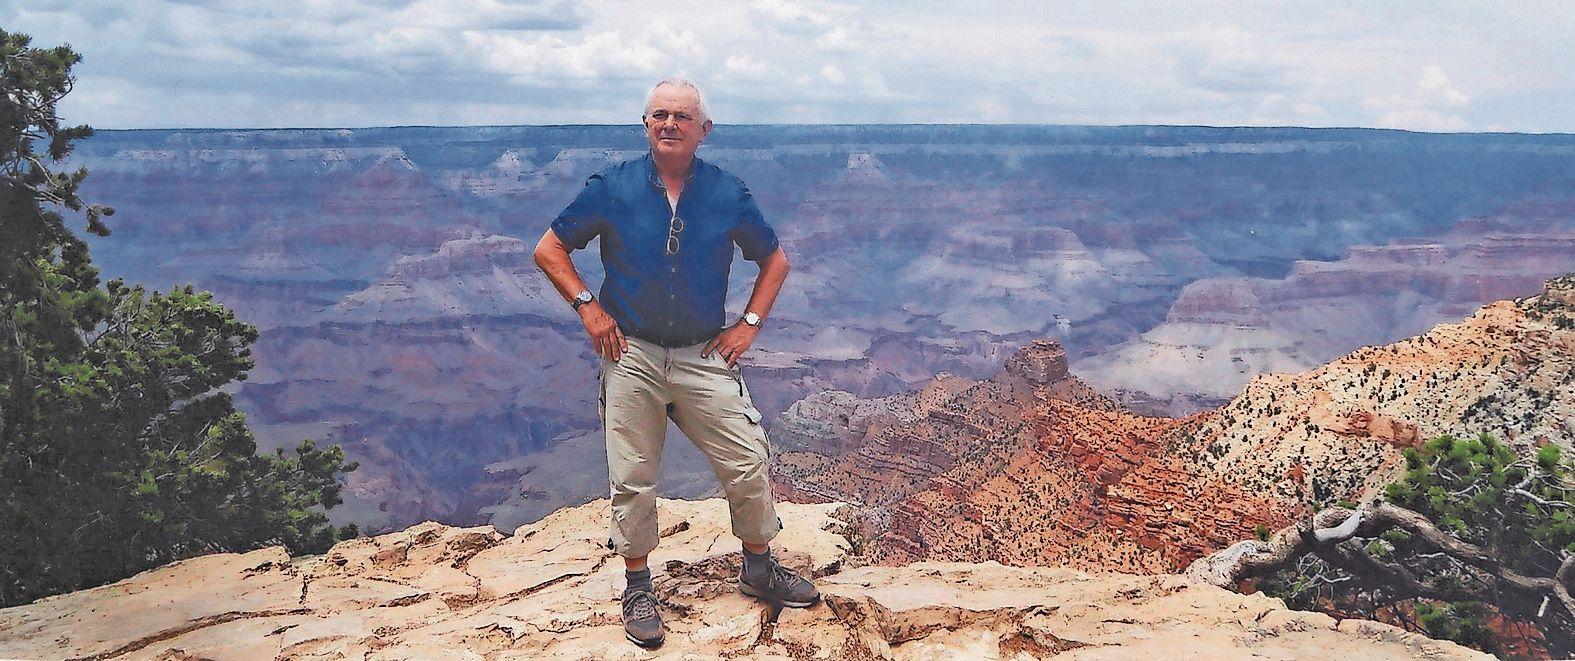 Welch' eine Kulisse: Aloys Ovelgönne im Jahr 2017 vor einem überaus imposanten Panorama im US-amerikanischen Grand Canyon. Foto: Sammlung Ovelgönne